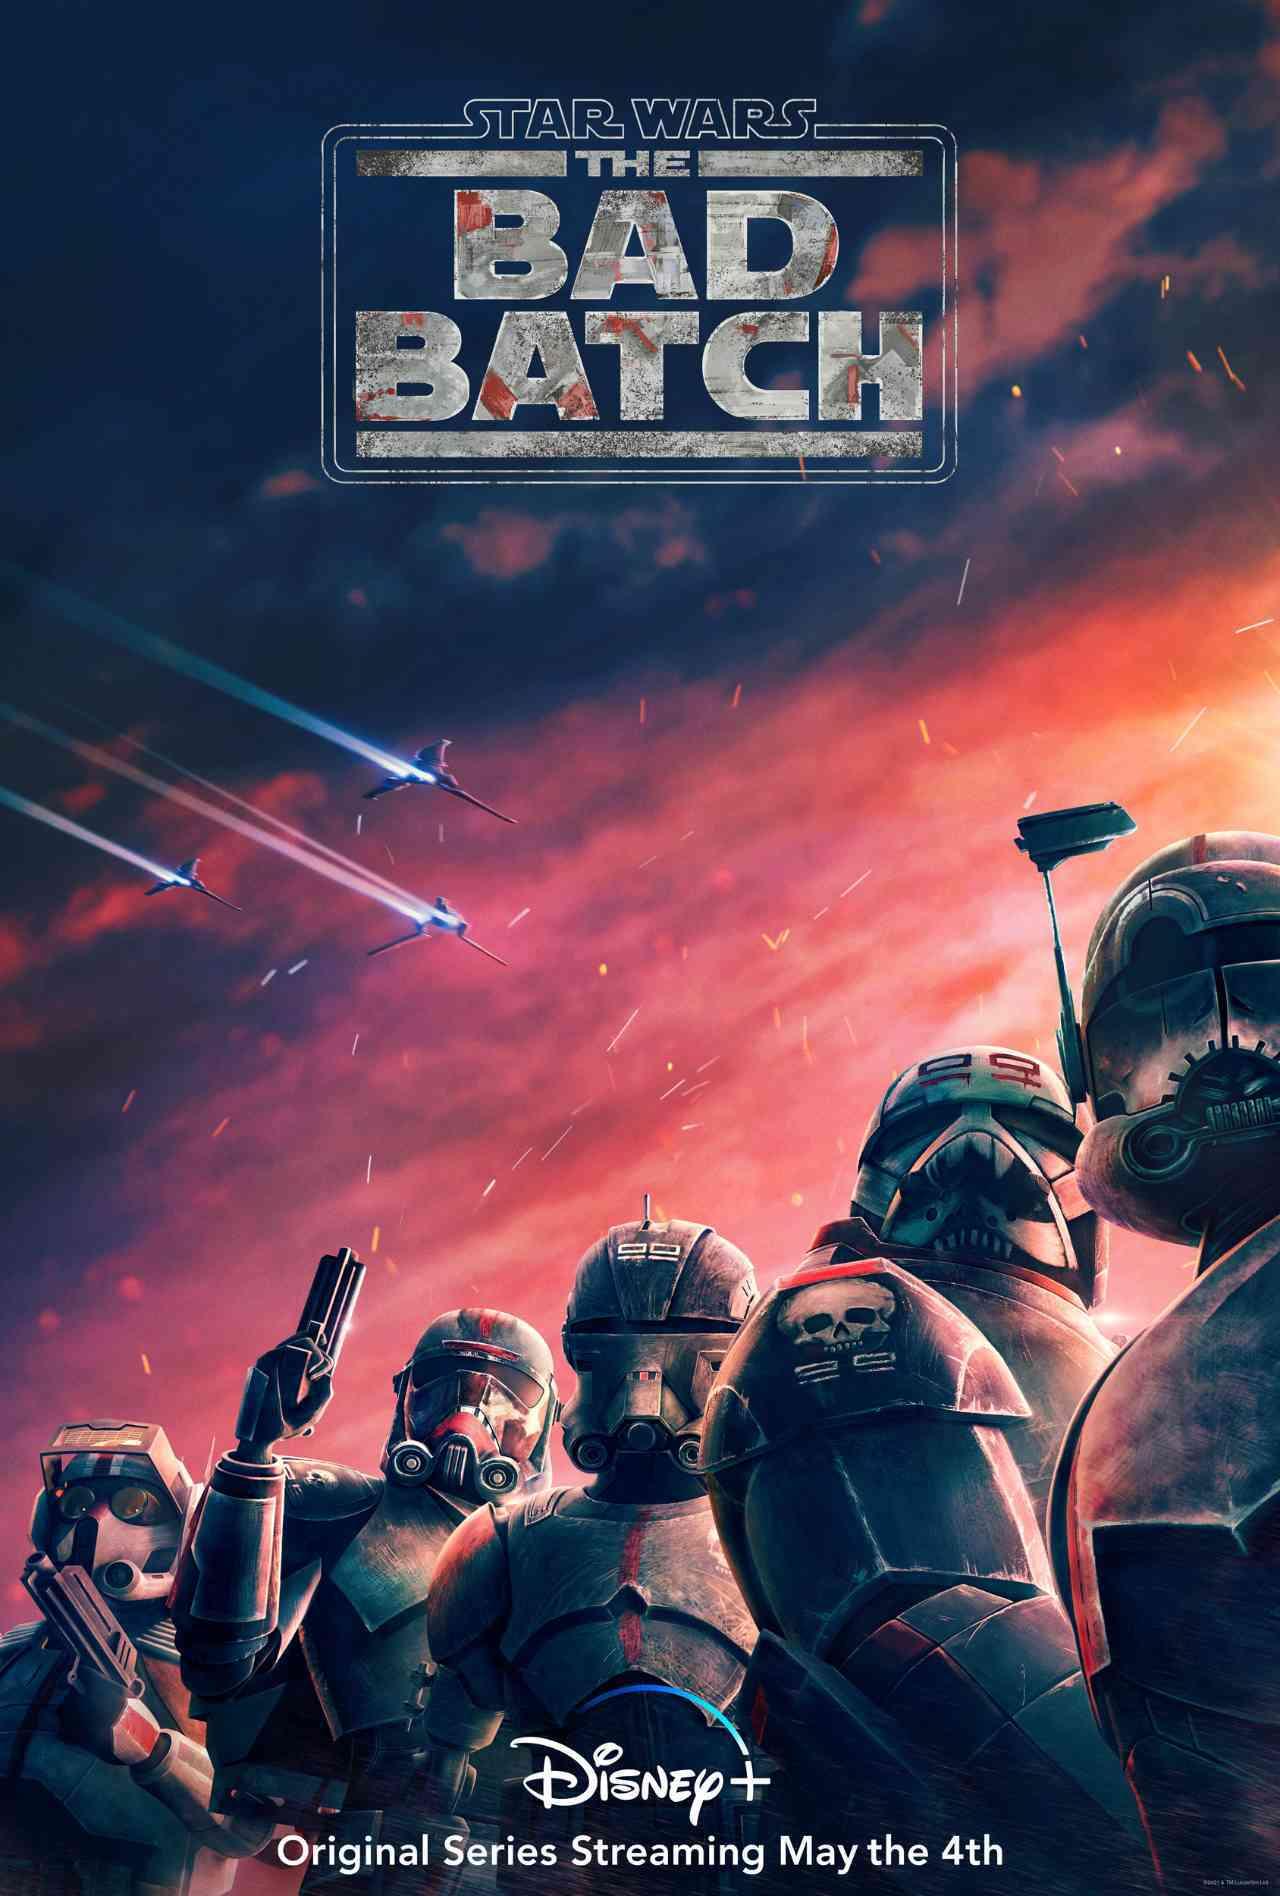 Star Wars The Bad Batch Key Art